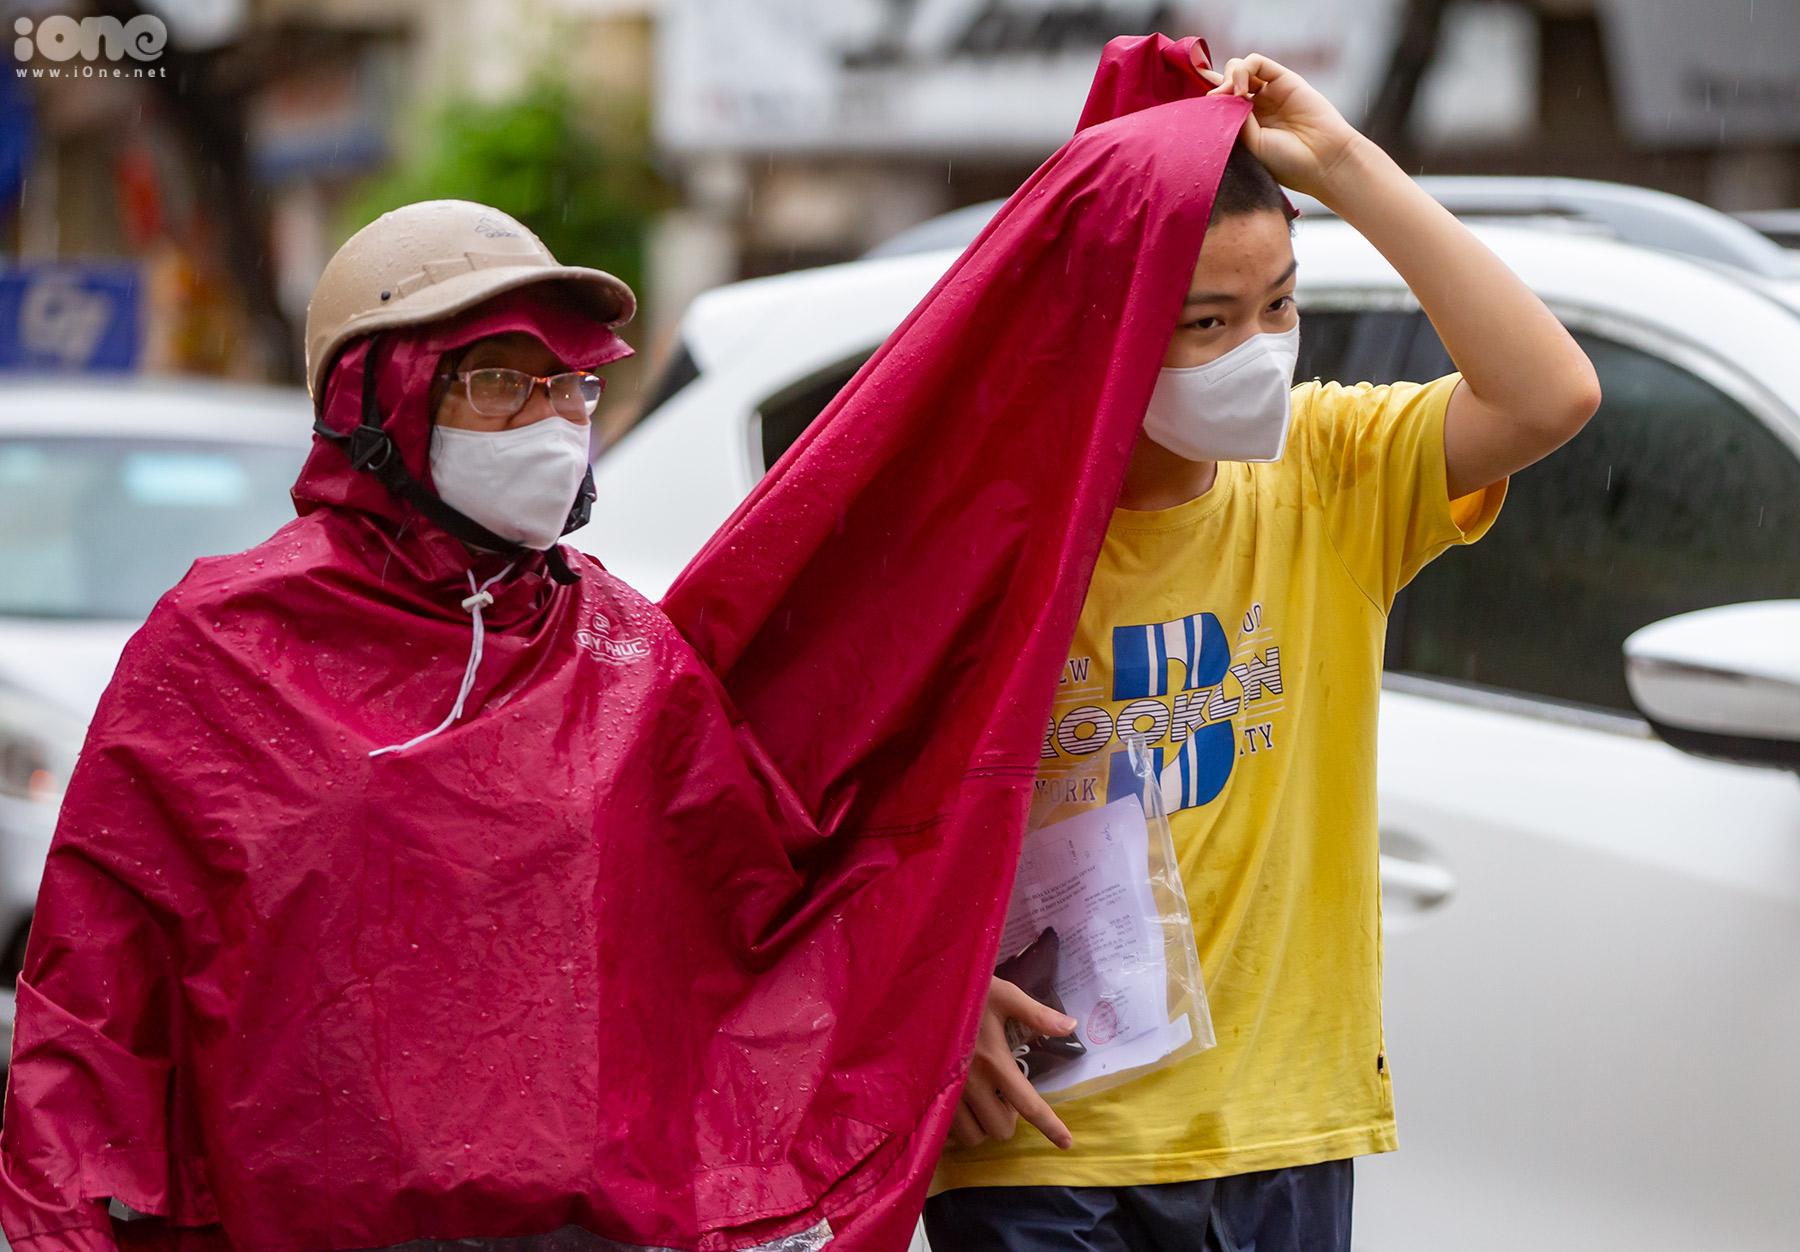 Cơn mưa sáng khiến các phụ huynh đưa con đến trường gặp nhiều khó khăn.